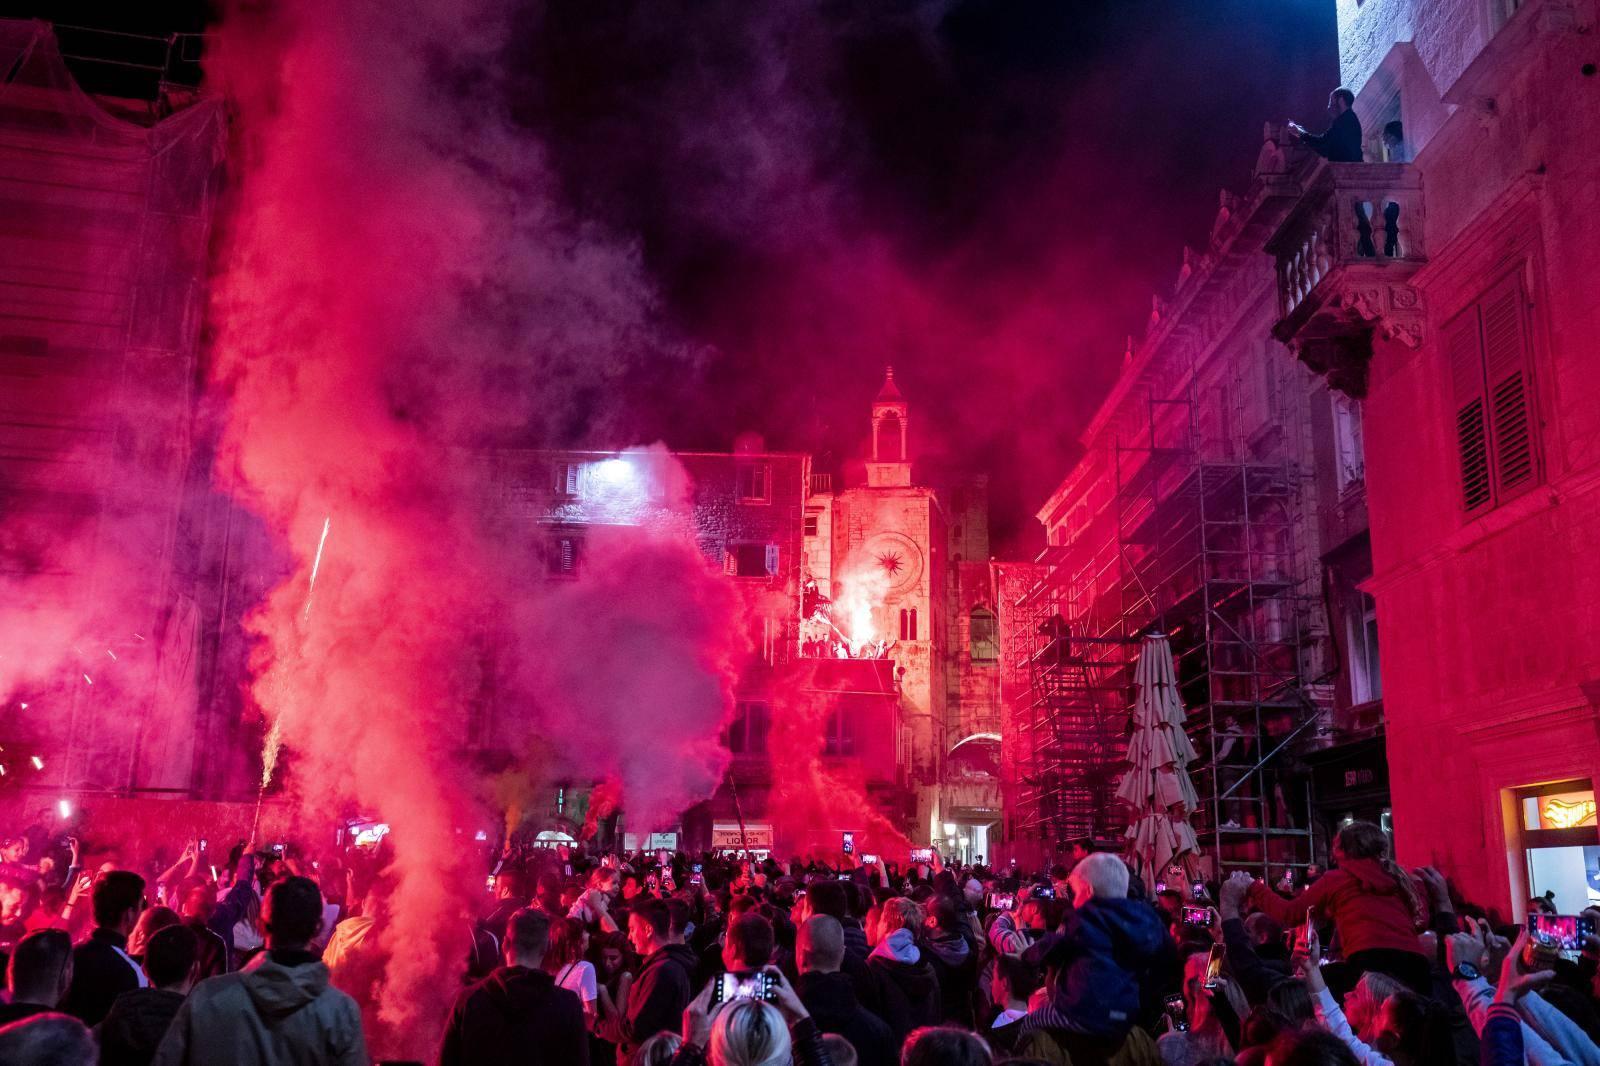 Split: Torcida velikom bakljadom uz pratnju policije slavi 70. rodendan